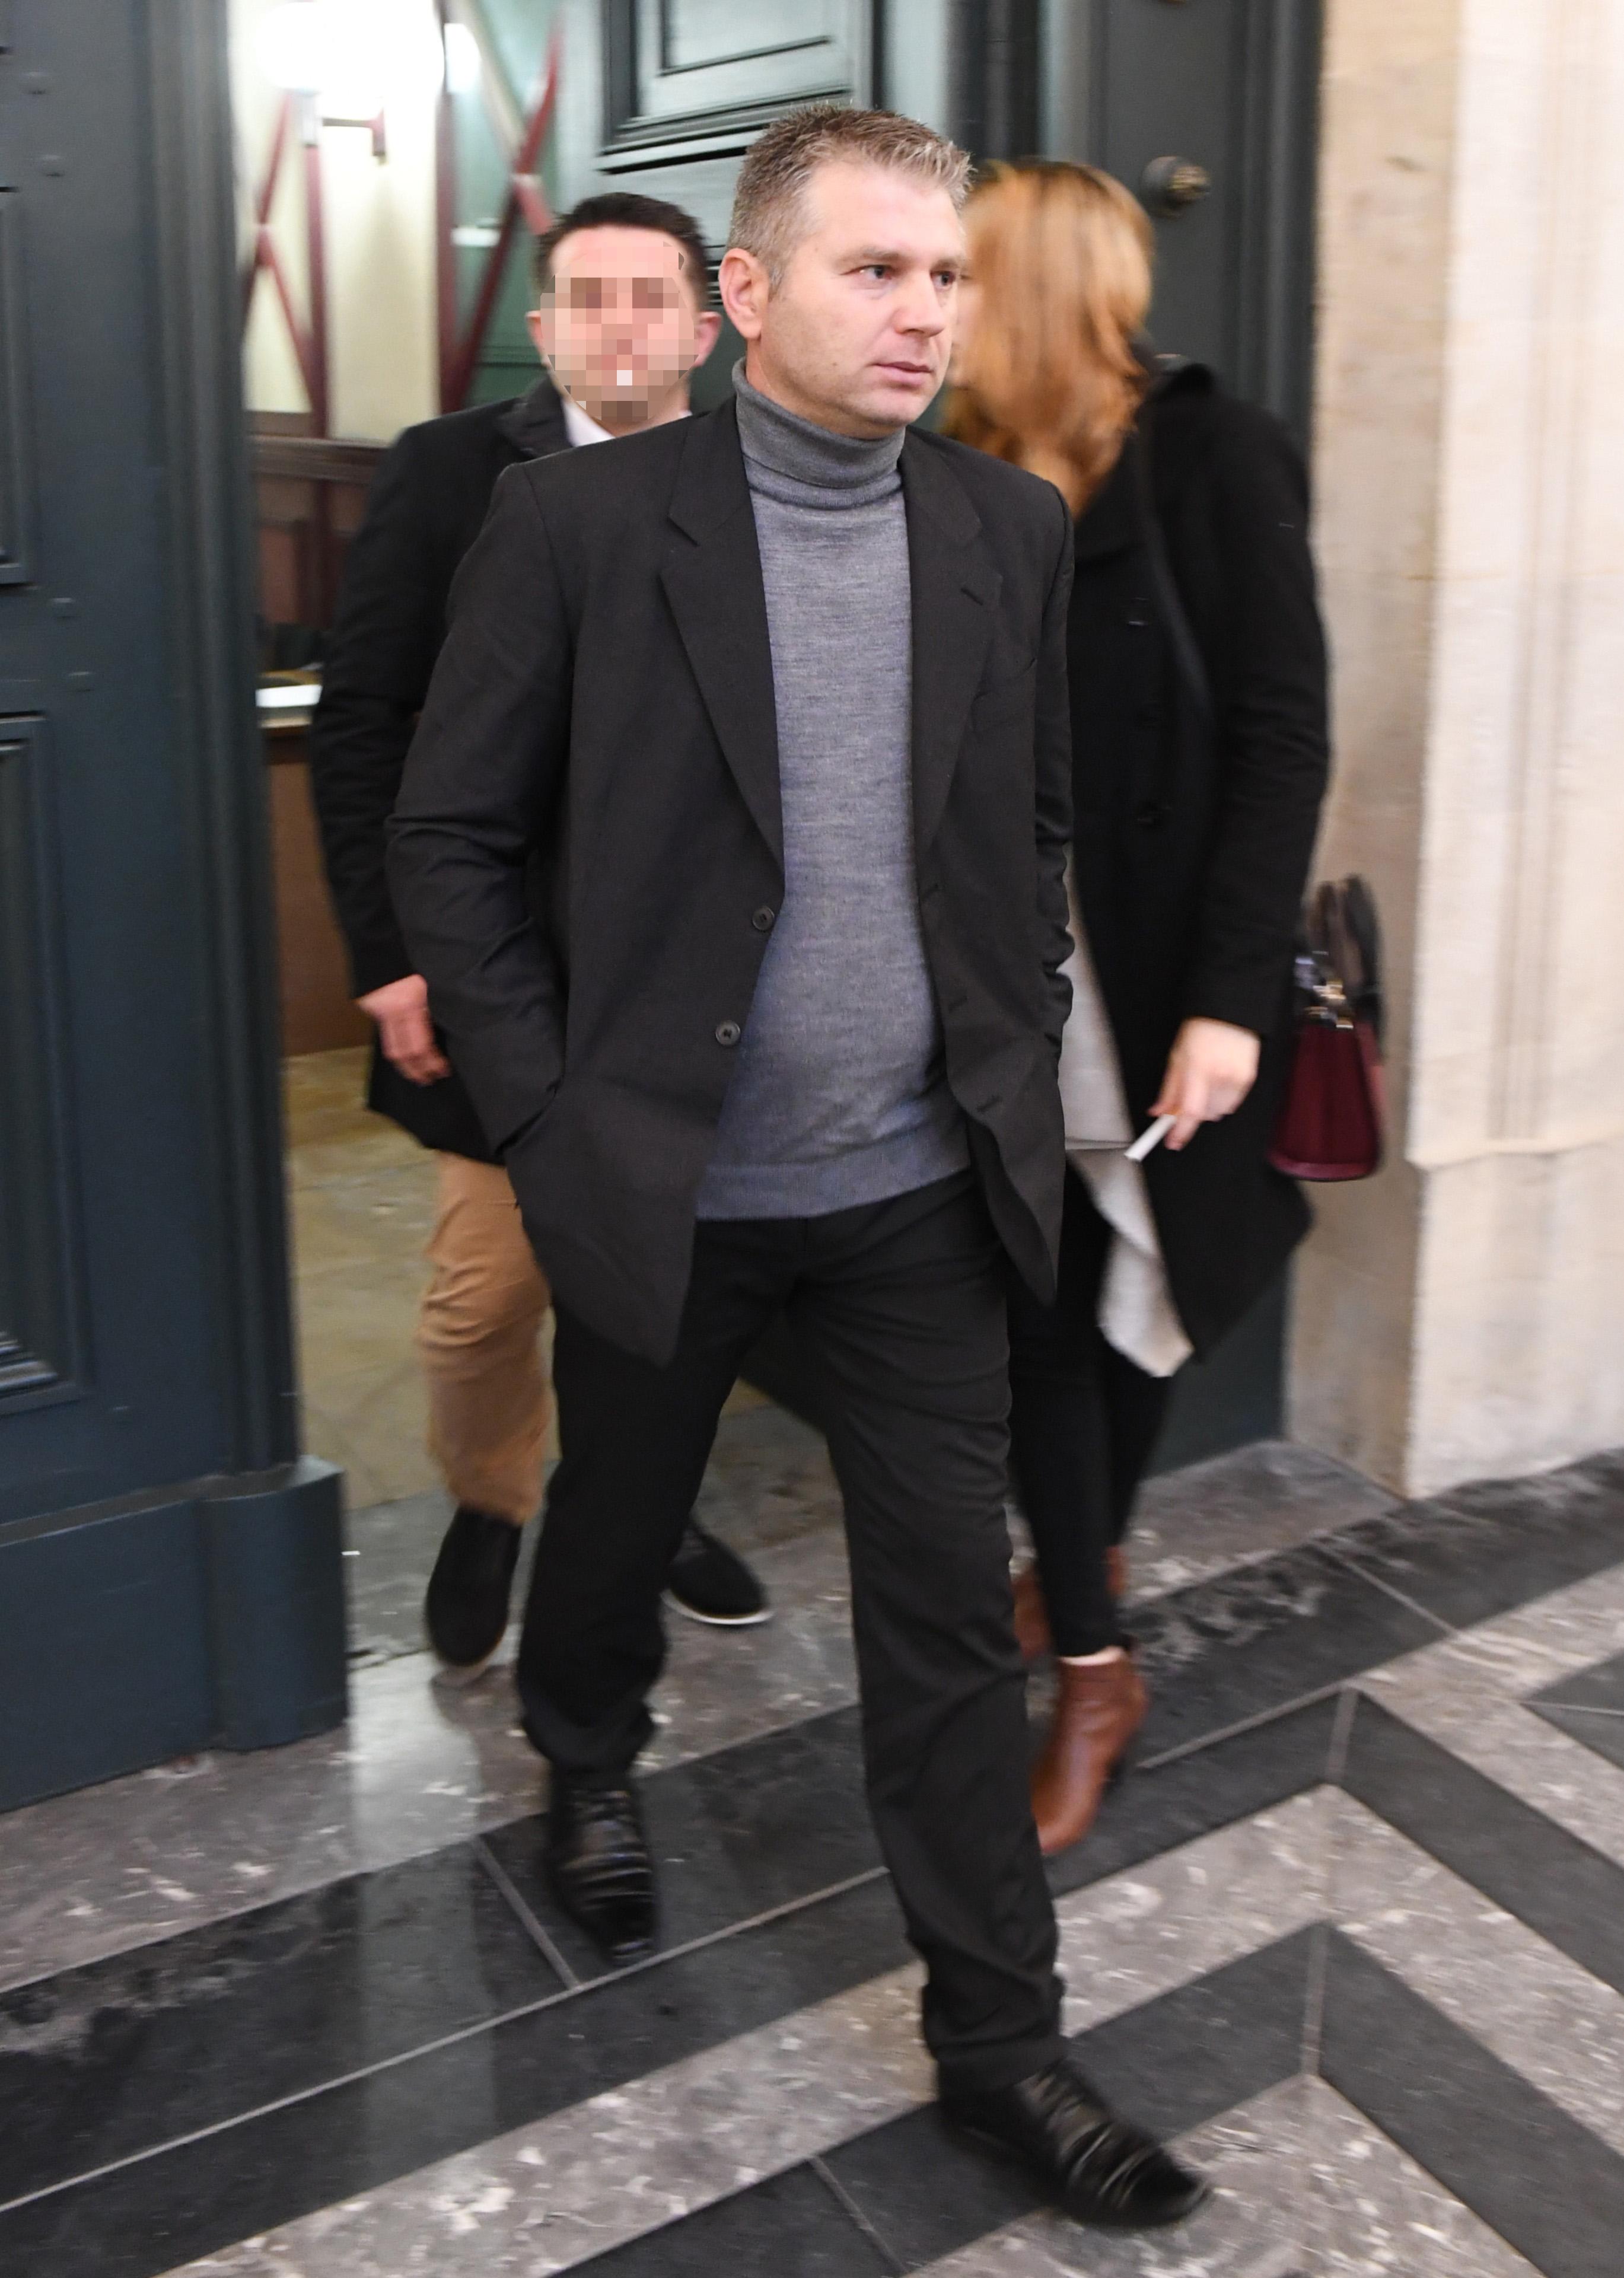 Juan Carlos Cañete, el esposo de la asesina, tras conocerse la sentencia (AFP)